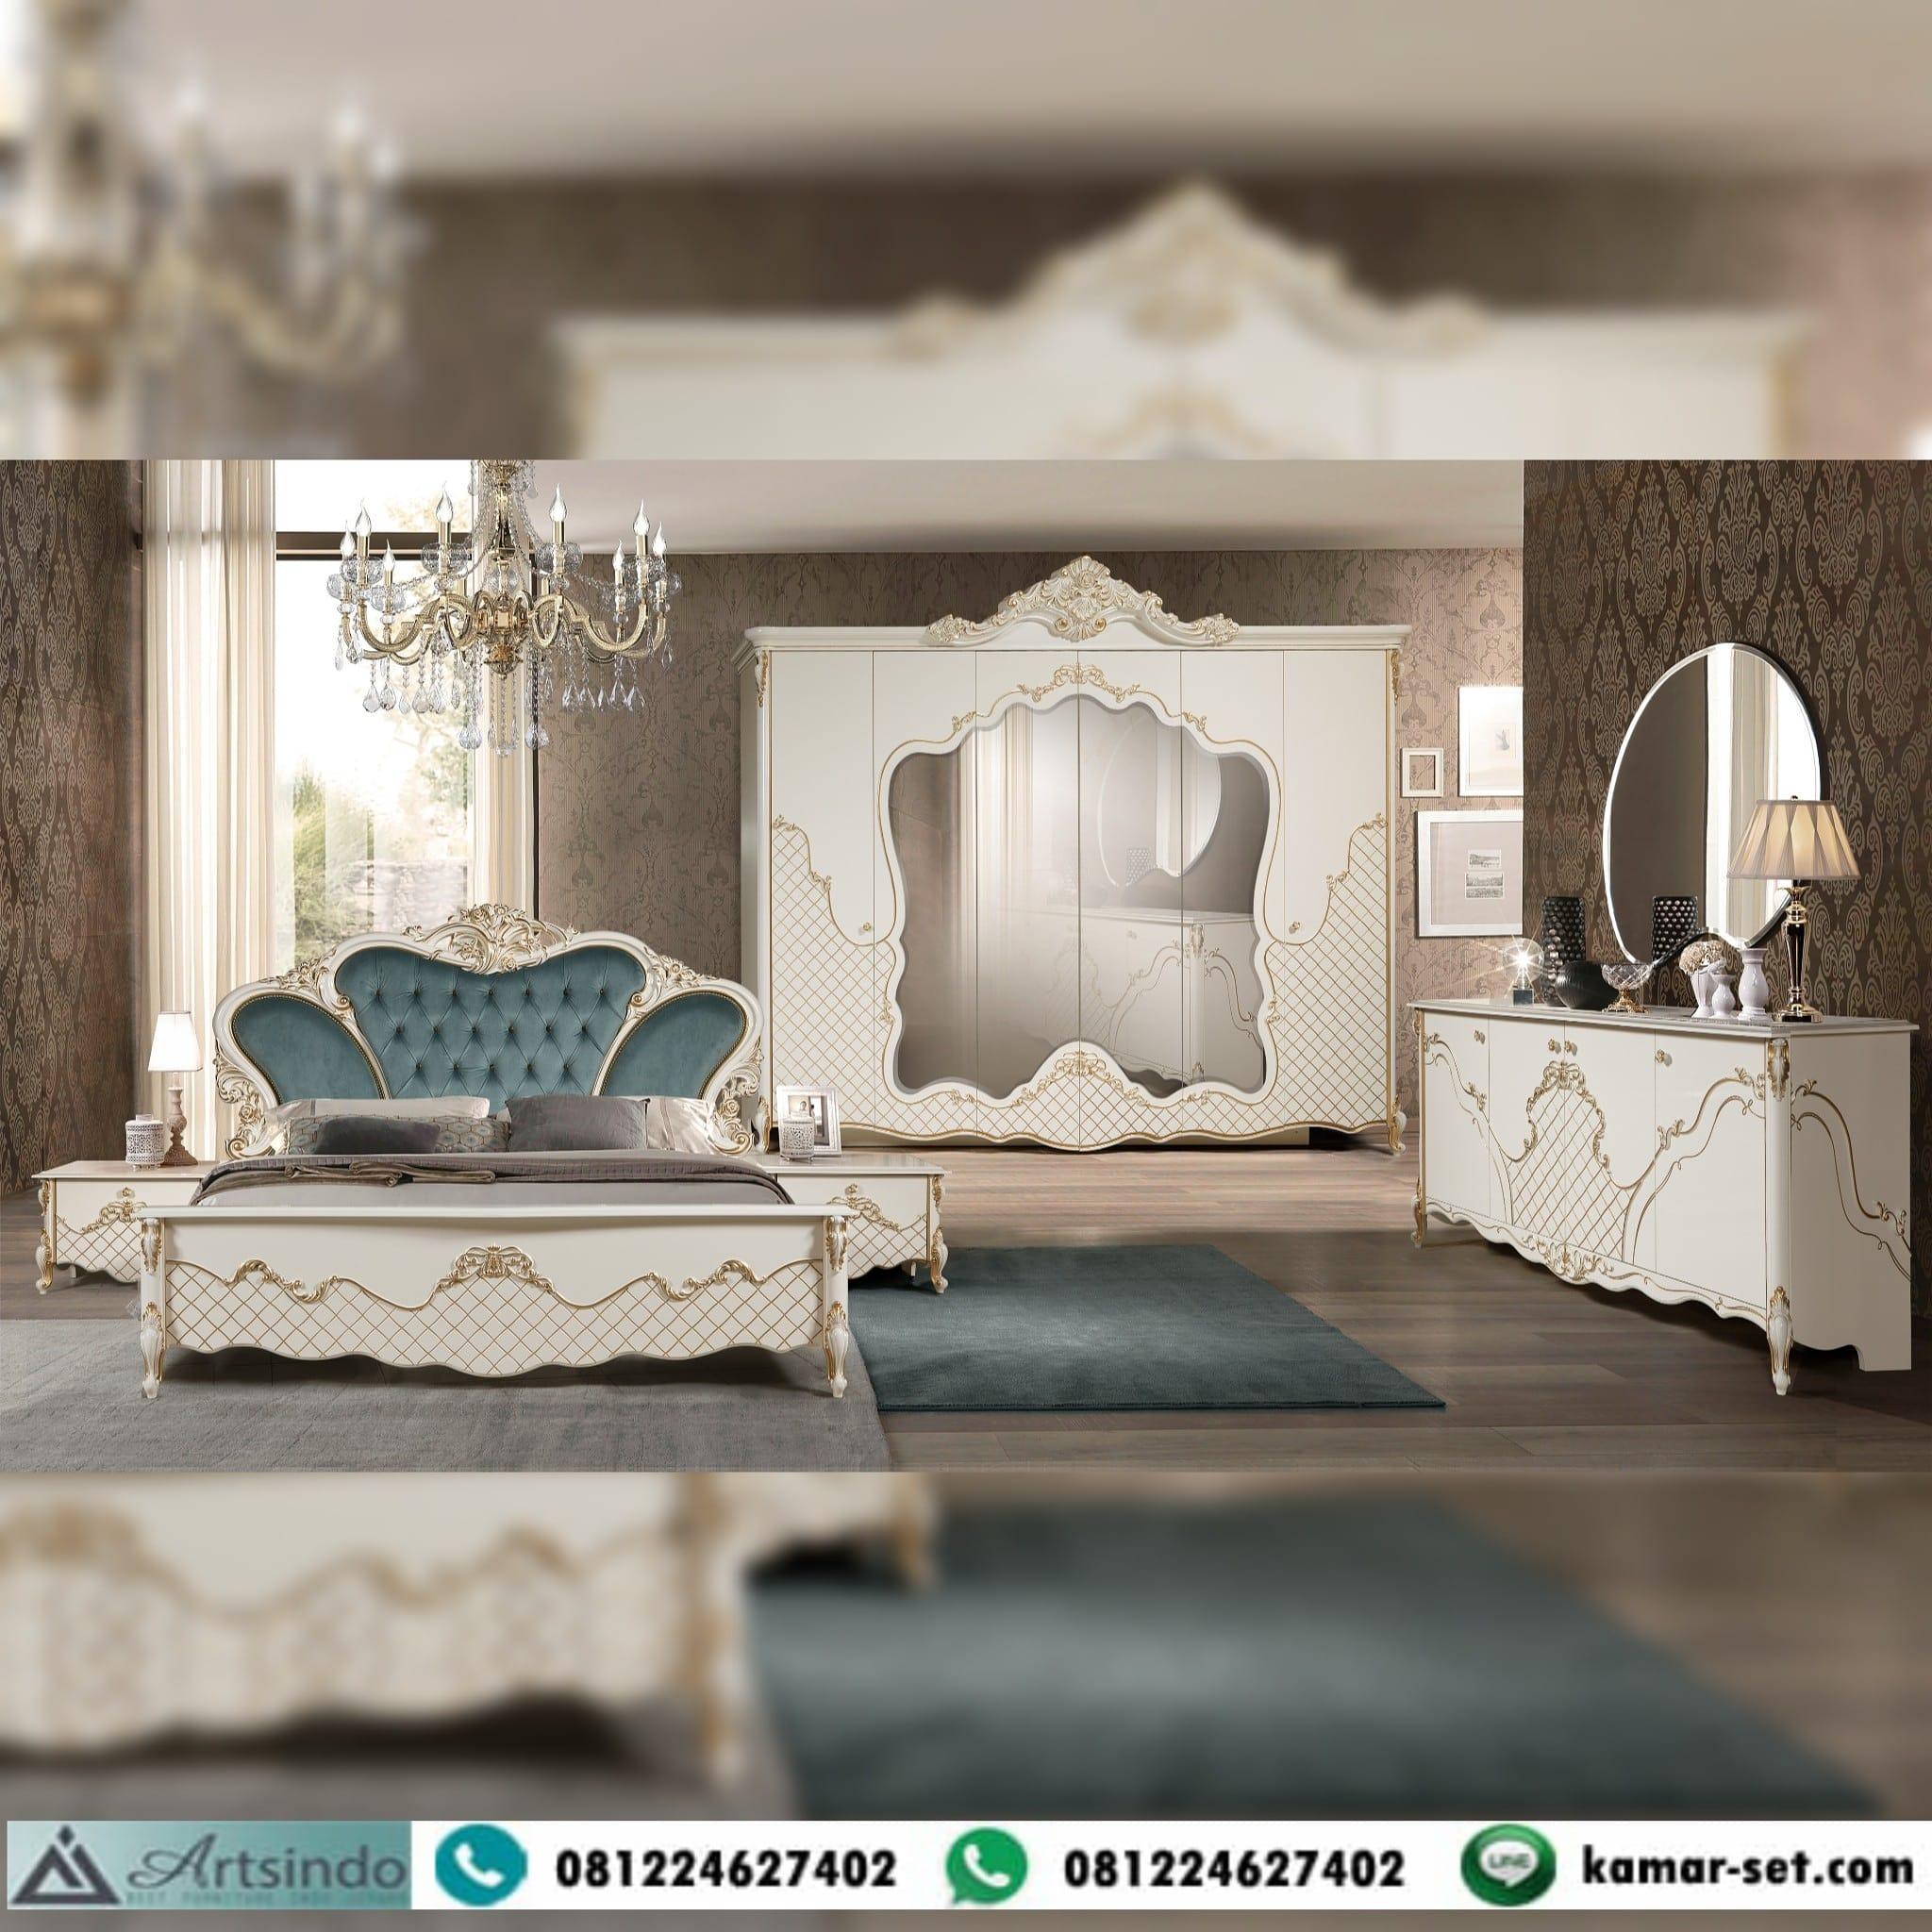 Set Tempat Tidur Klasik Lengkap Turkey Style Nirmala